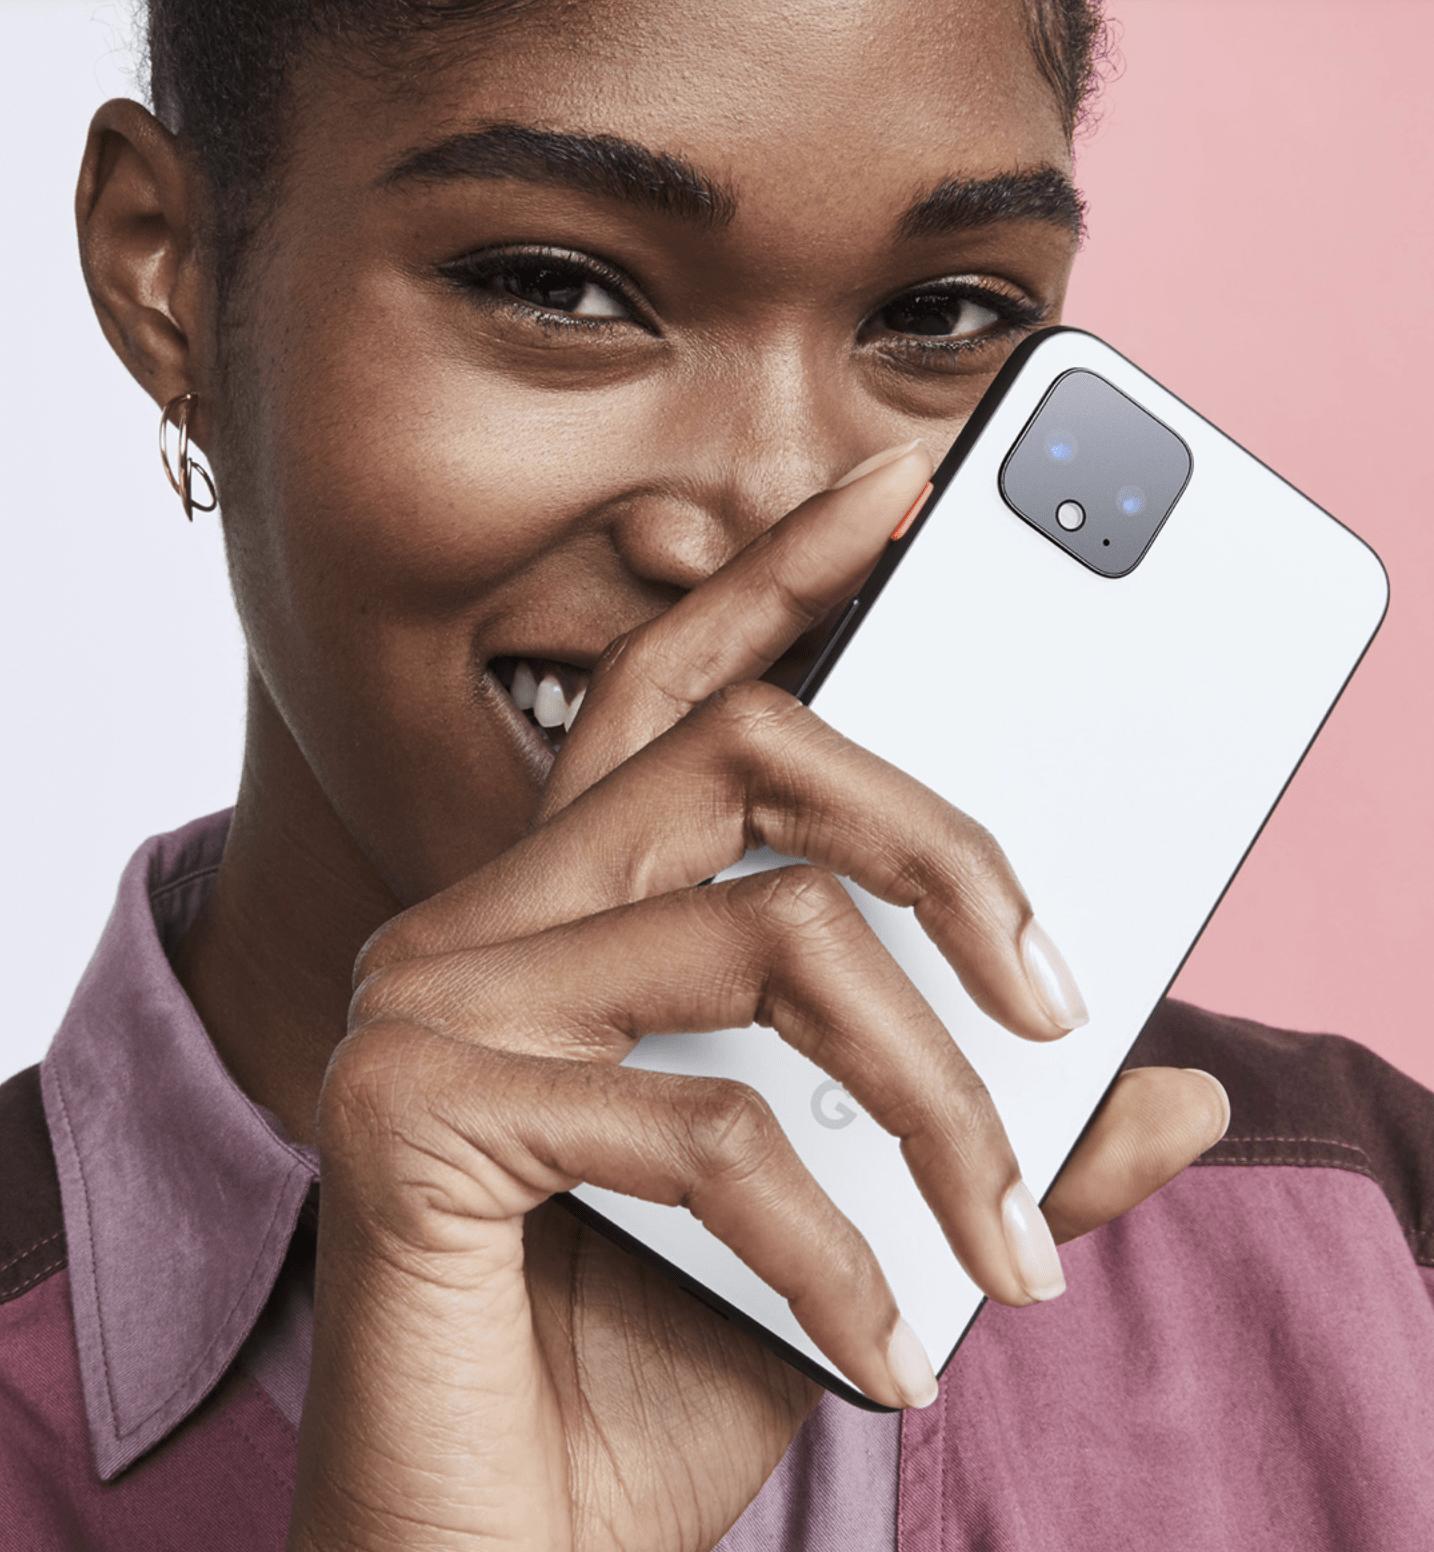 Chica joven con smartphone google pixel 4 en la mano